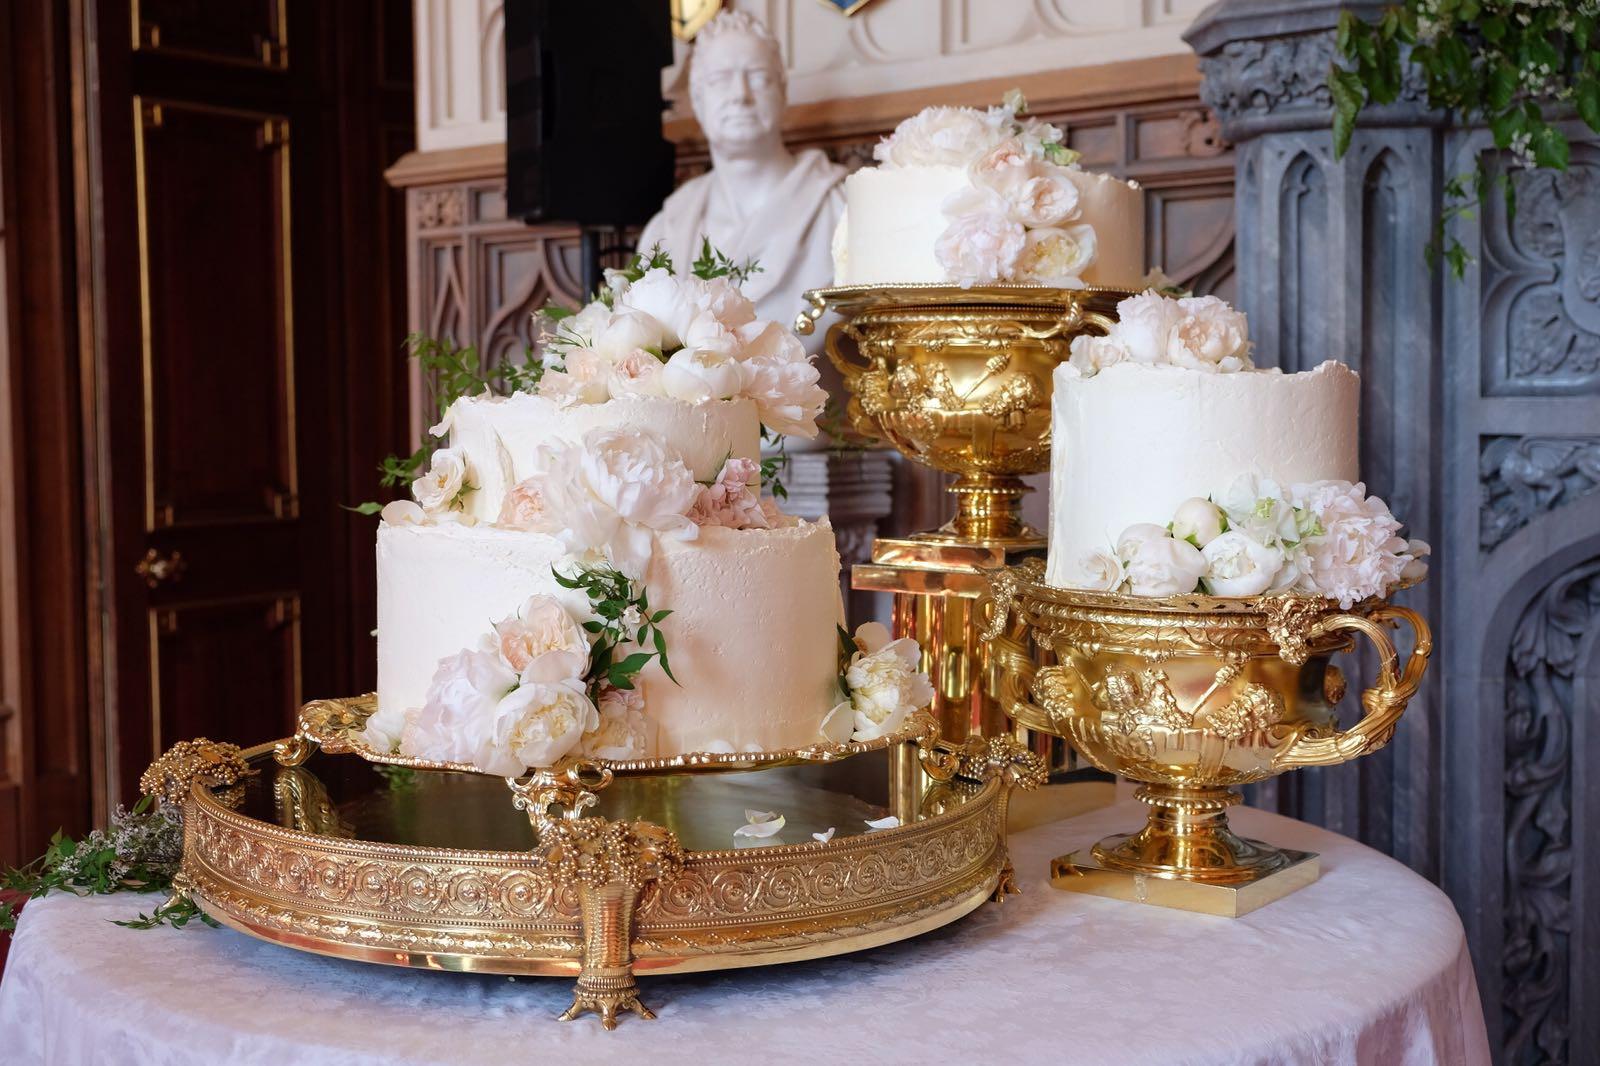 Royal Wedding Cake Recipe  A Sneak Peek At The Royal Wedding Cake